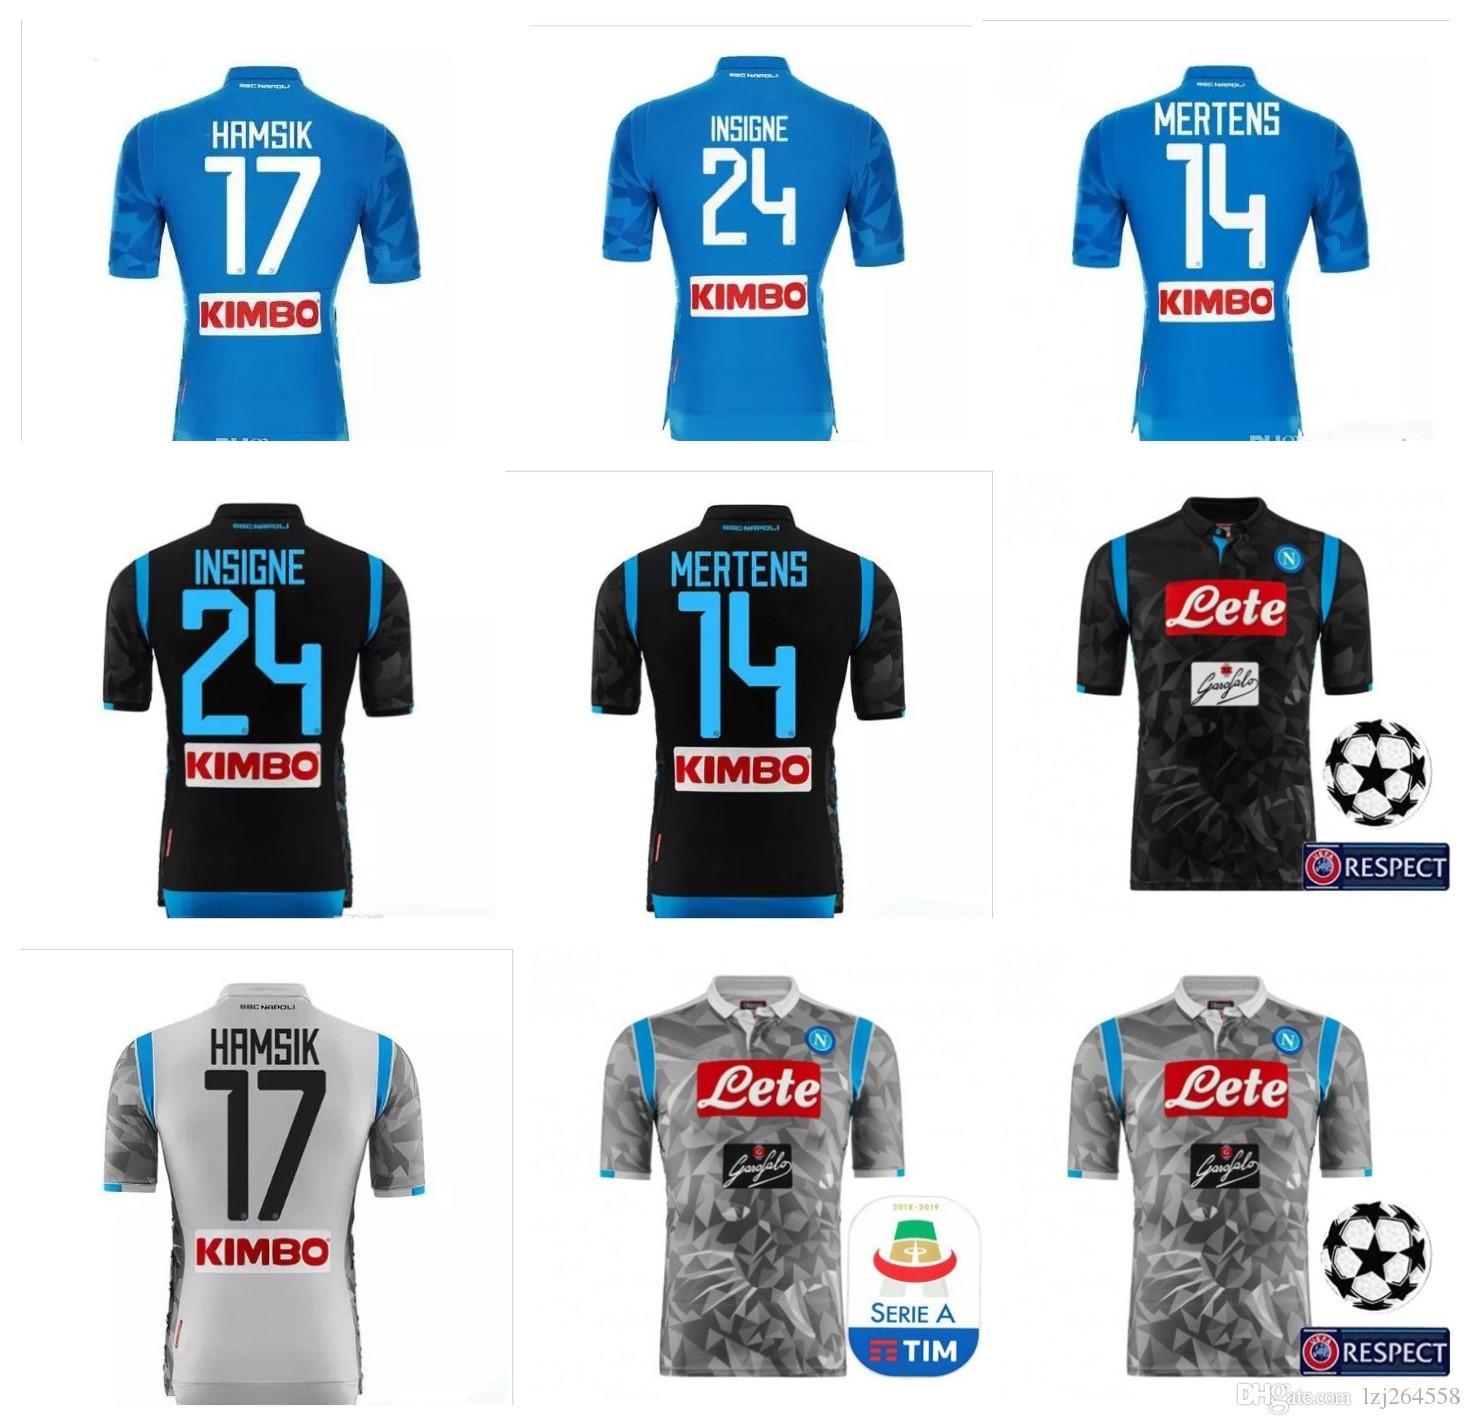 T-shirt, Maglie E Camicie Have An Inquiring Mind Felpa Cr7 Cristiano Ronaldo Juventus Calcio Uomo Bambino